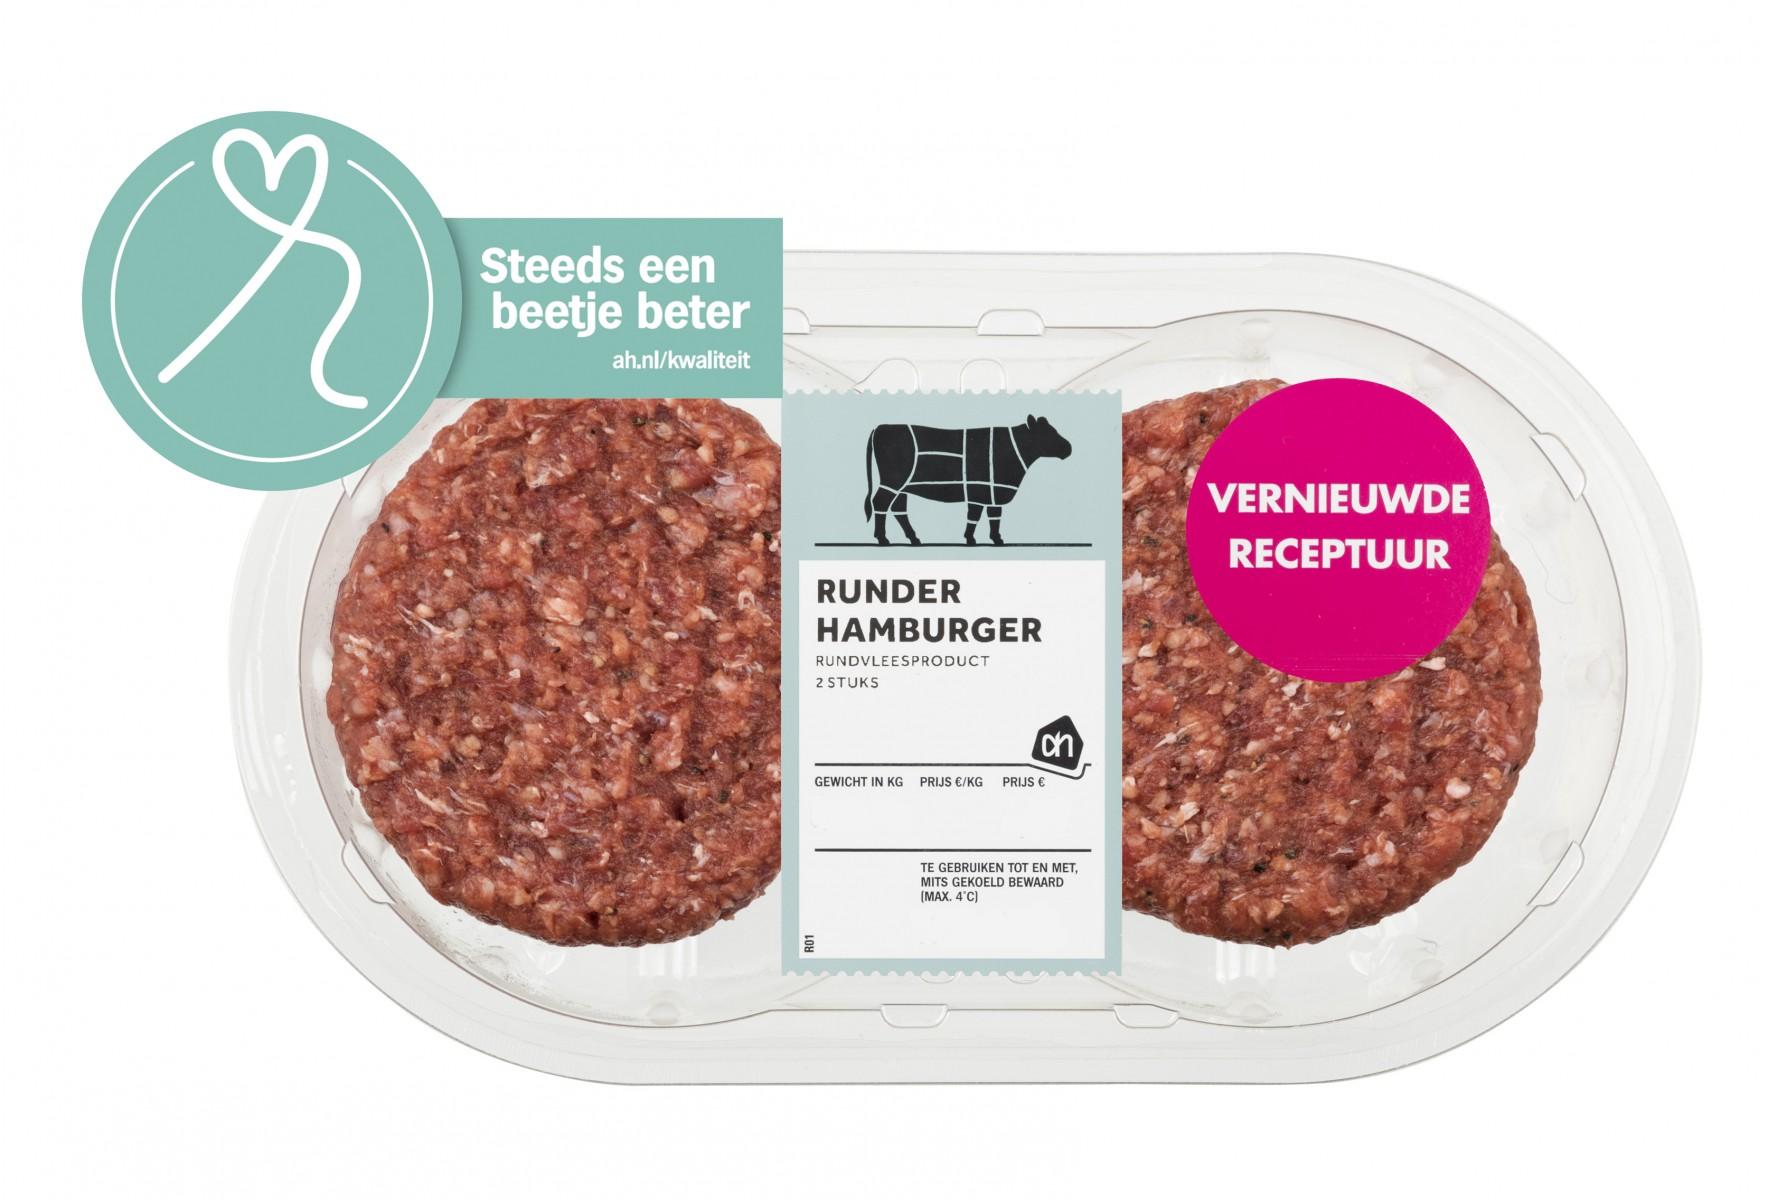 Meer smaak en minder toevoegingen in vleesproducten van Albert Heijn